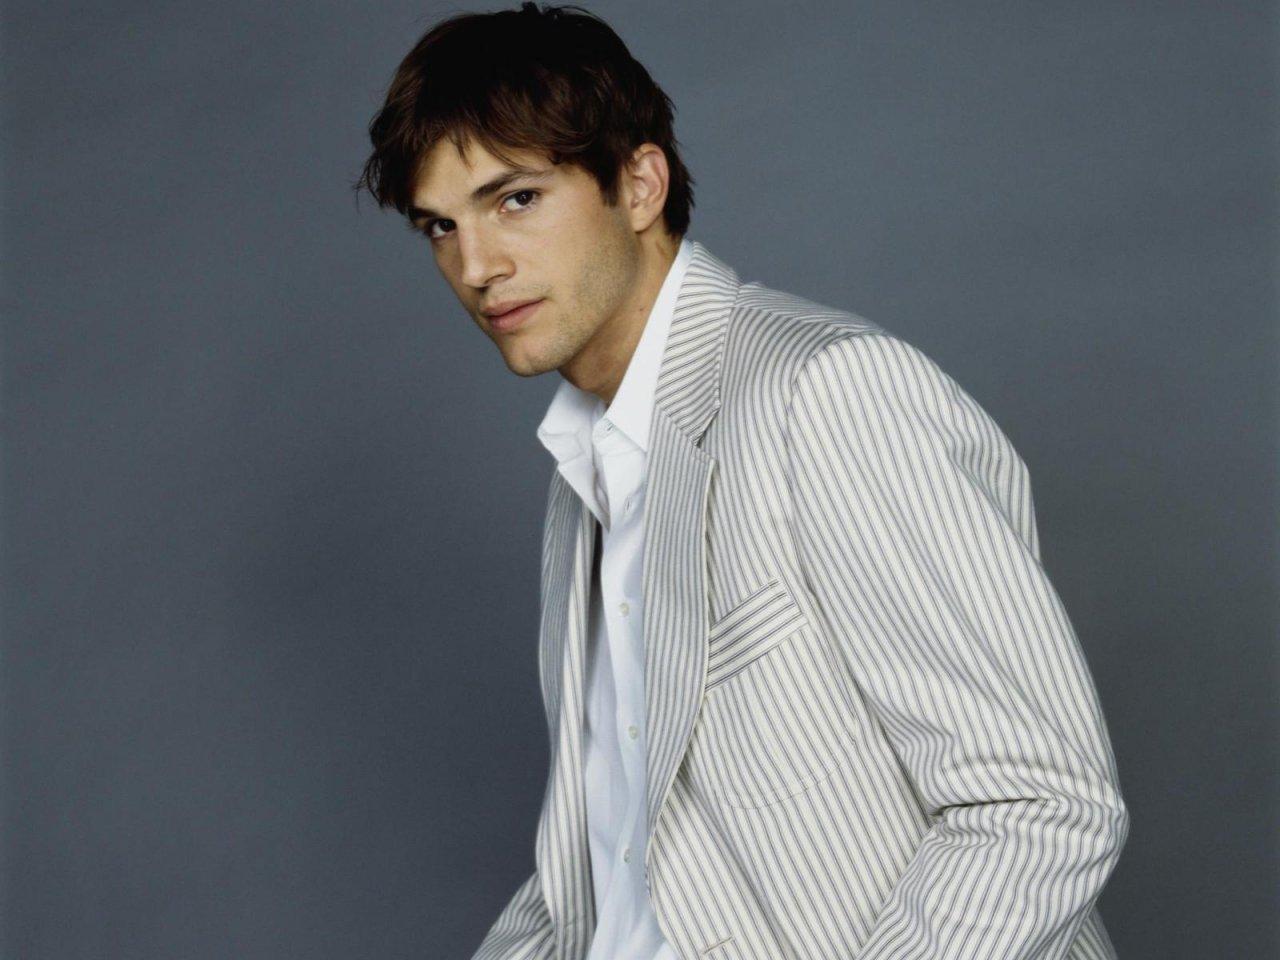 Ashton Kutcher   Ashton Kutcher Wallpaper 20058795 1280x960